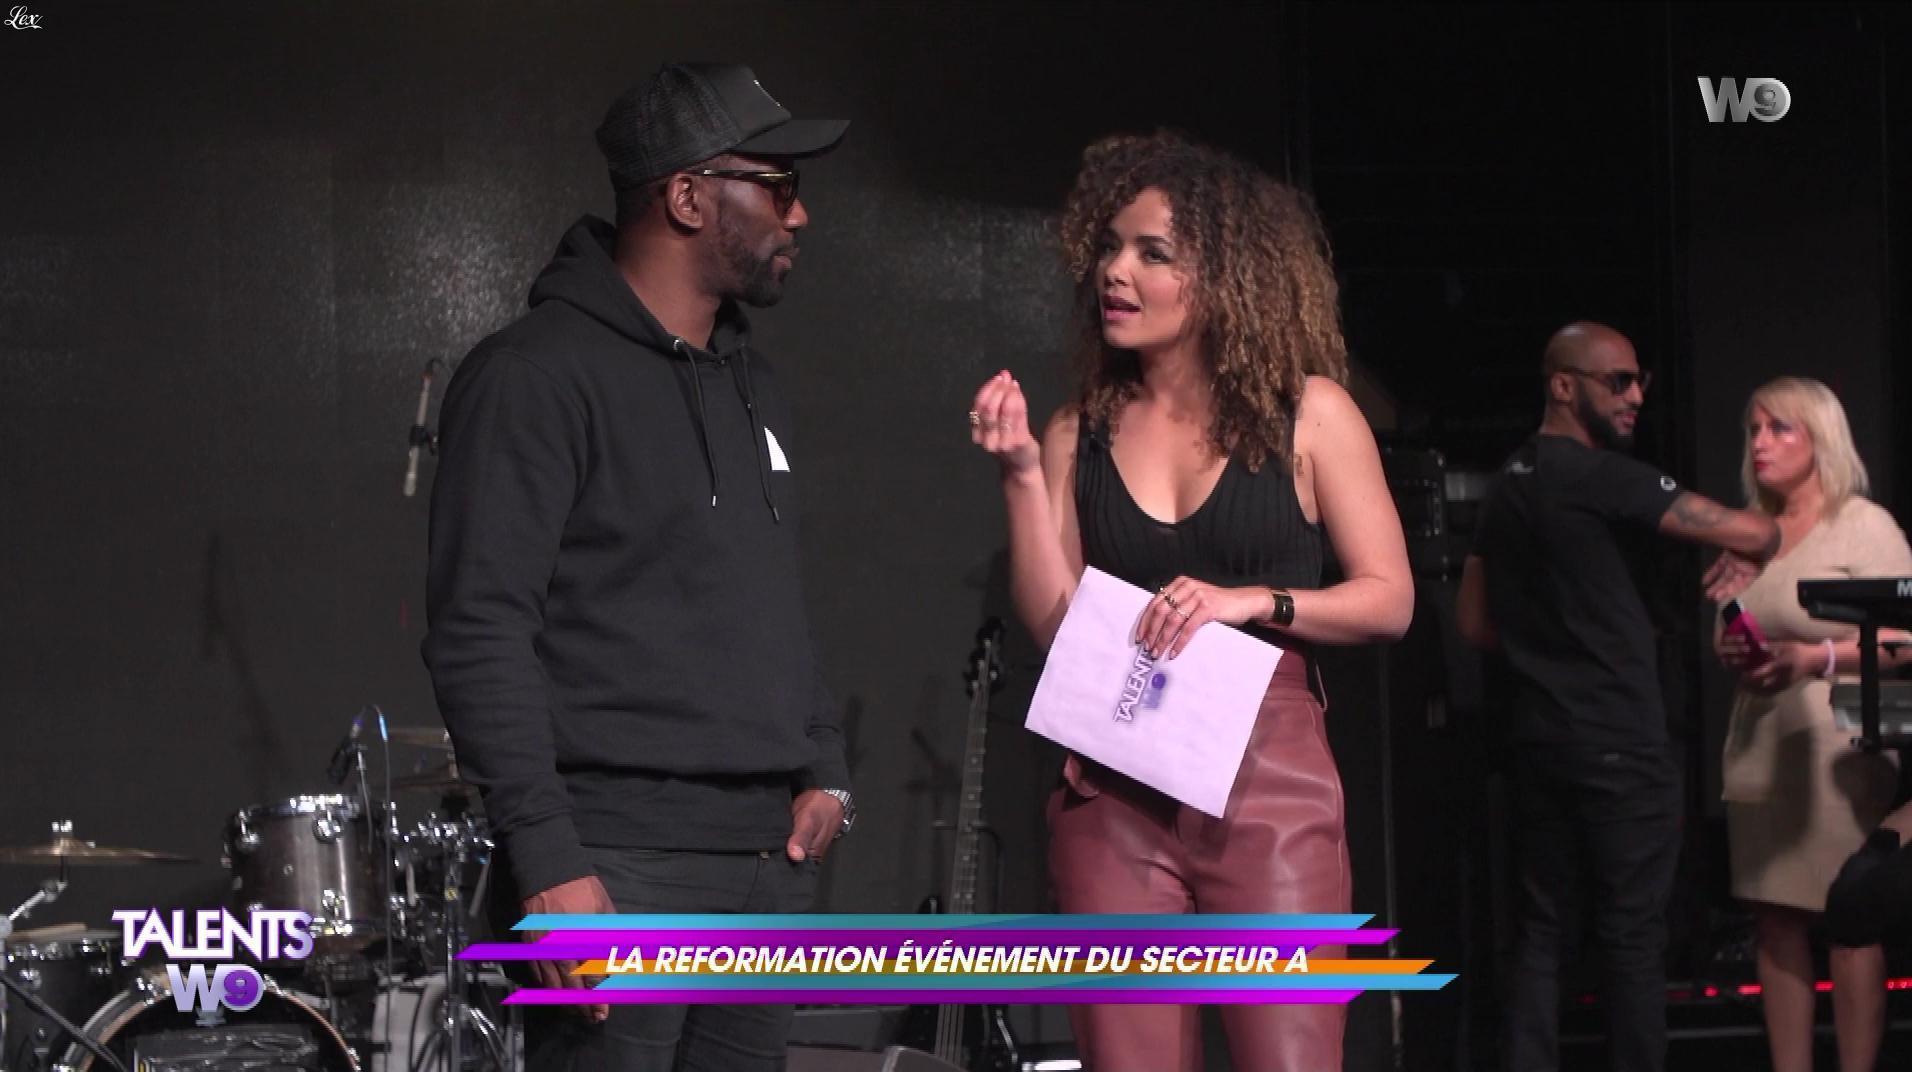 Anais Grangerac dans Talents W9. Diffusé à la télévision le 28/04/18.